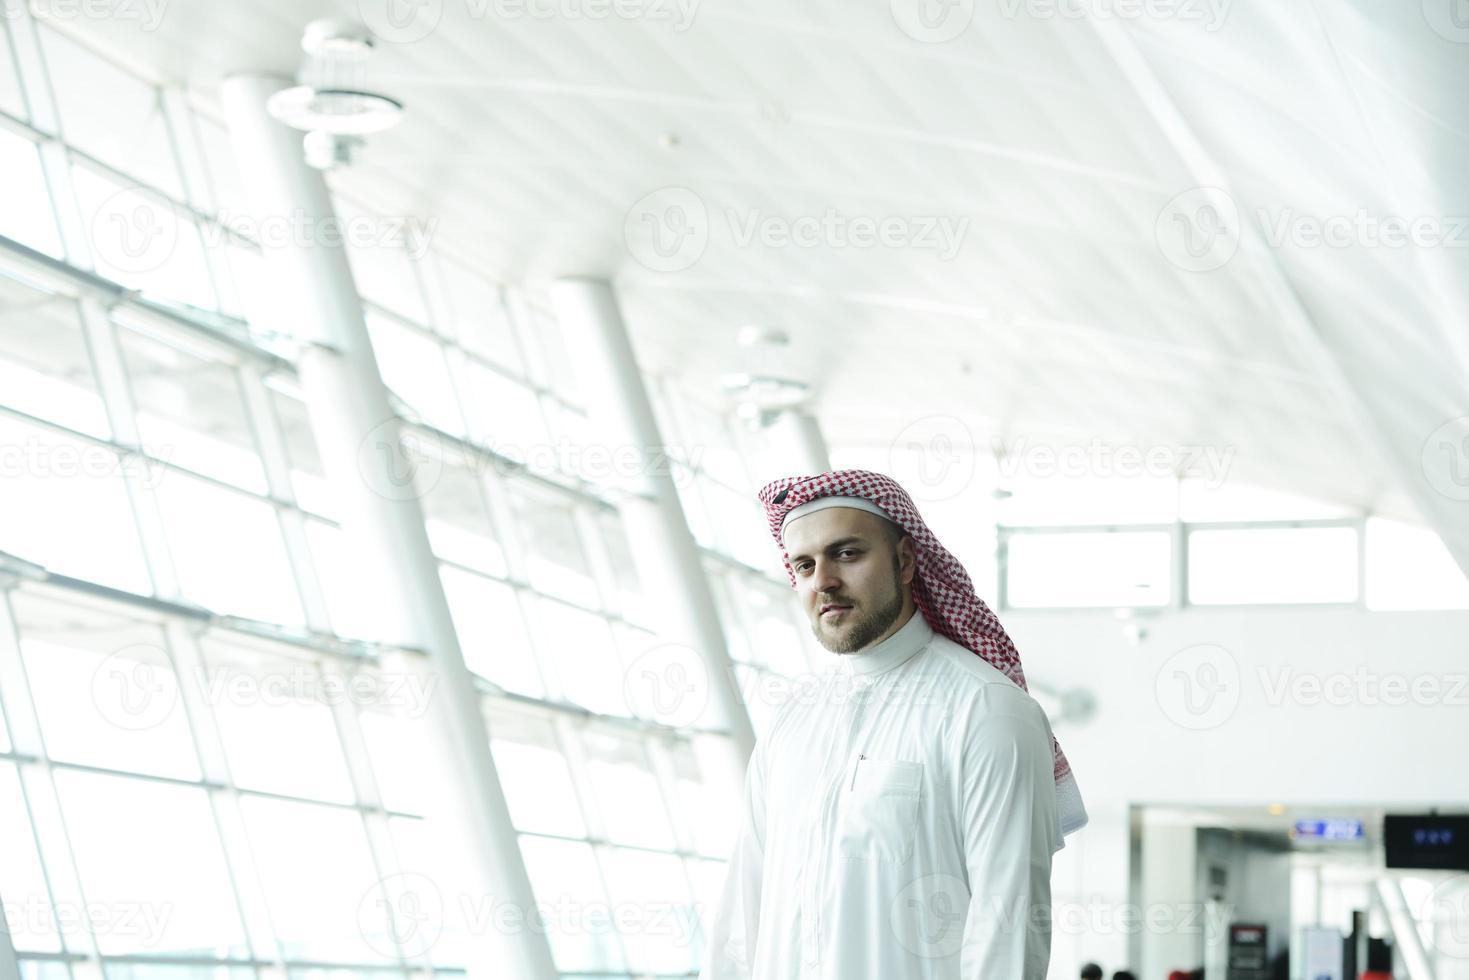 empresário árabe moderno no aeroporto foto